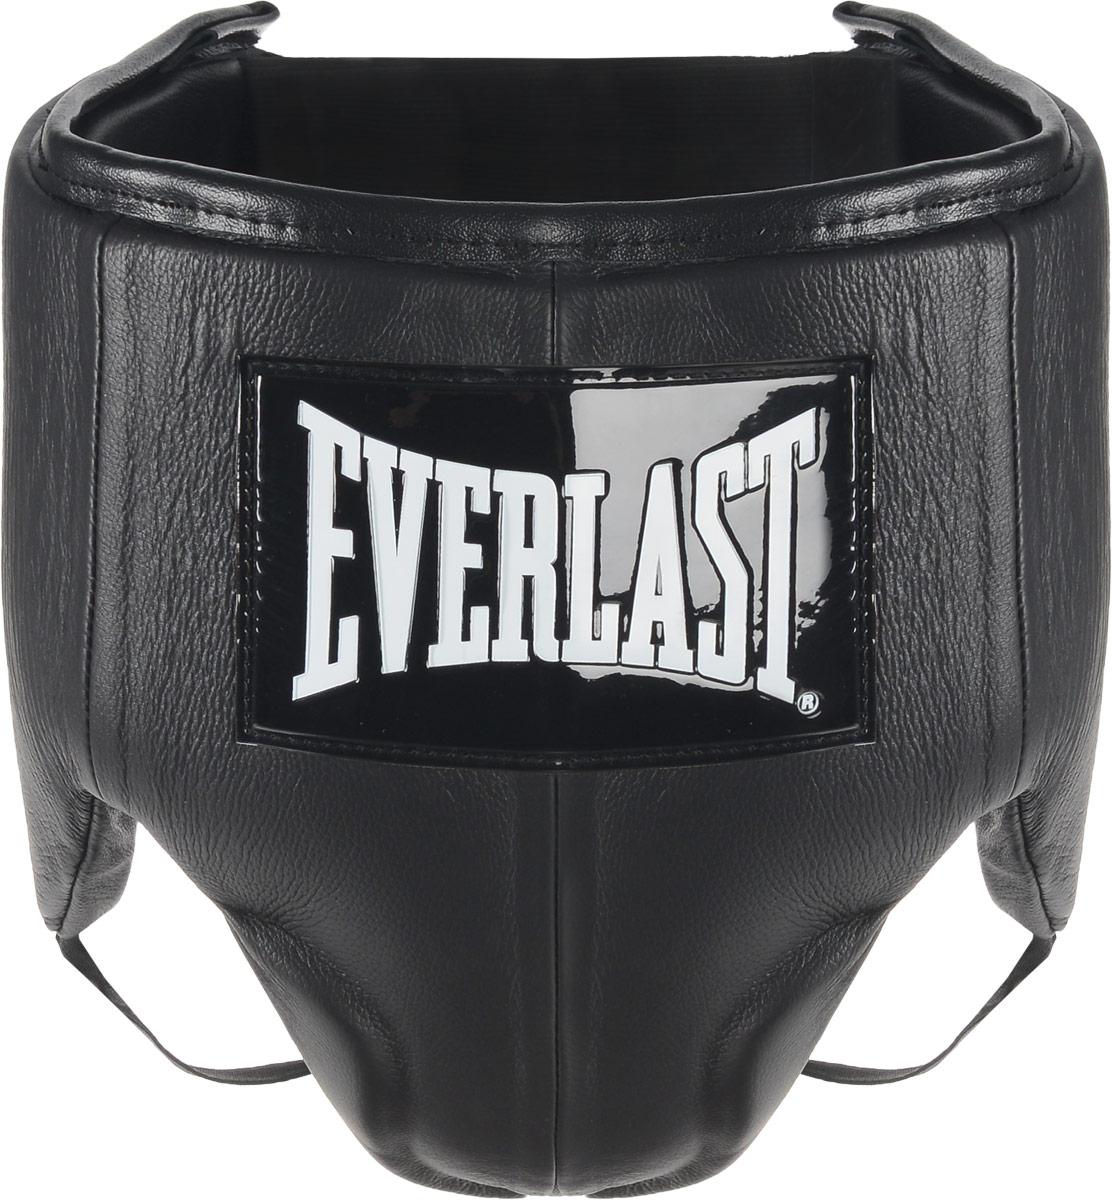 Защита паха мужская Everlast Velcro Top Pro, цвет: черный, белый. Размер SAIRWHEEL Q3-340WH-BLACKEverlast Velcro Top Pro это удобный обтягивающий бандаж, идеально подходящий как для тренировочных спаррингов, так и для боя на ринге. Бандаж изготовлен из высококачественной натуральной кожи, а подкладка набита пенным наполнителем высокой плотности, благодаря чему достигается превосходная амортизация ударов. Усовершенствованный облегченный дизайн обеспечивает максимальную подвижность и комфорт, в то же время гарантируя безопасность и полную защиту паха и тазовой области. Удобные застежки на липучке позволят подогнать защиту под ваш размер и плотно зафиксировать ее на теле. Максимальный обхват: 103 см.Минимальный обхват: 90 см.